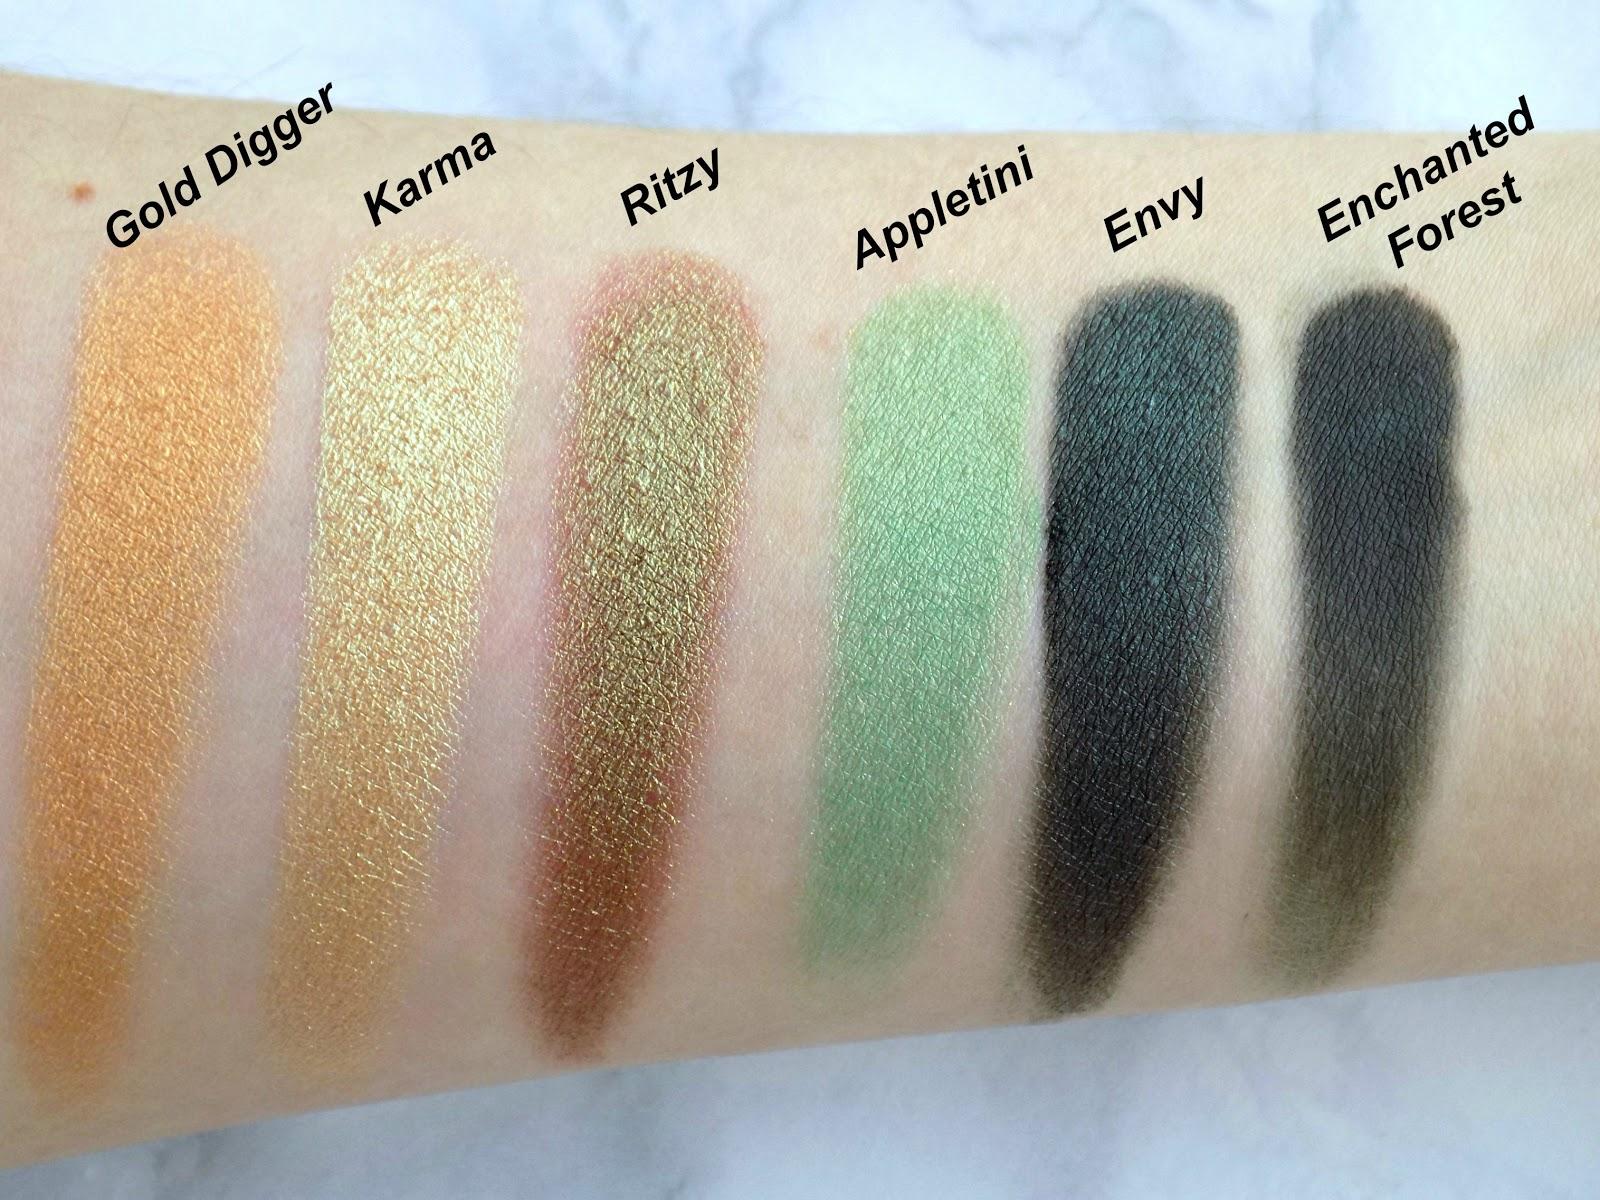 Pressed Eyeshadow Pan by Makeup Geek #10